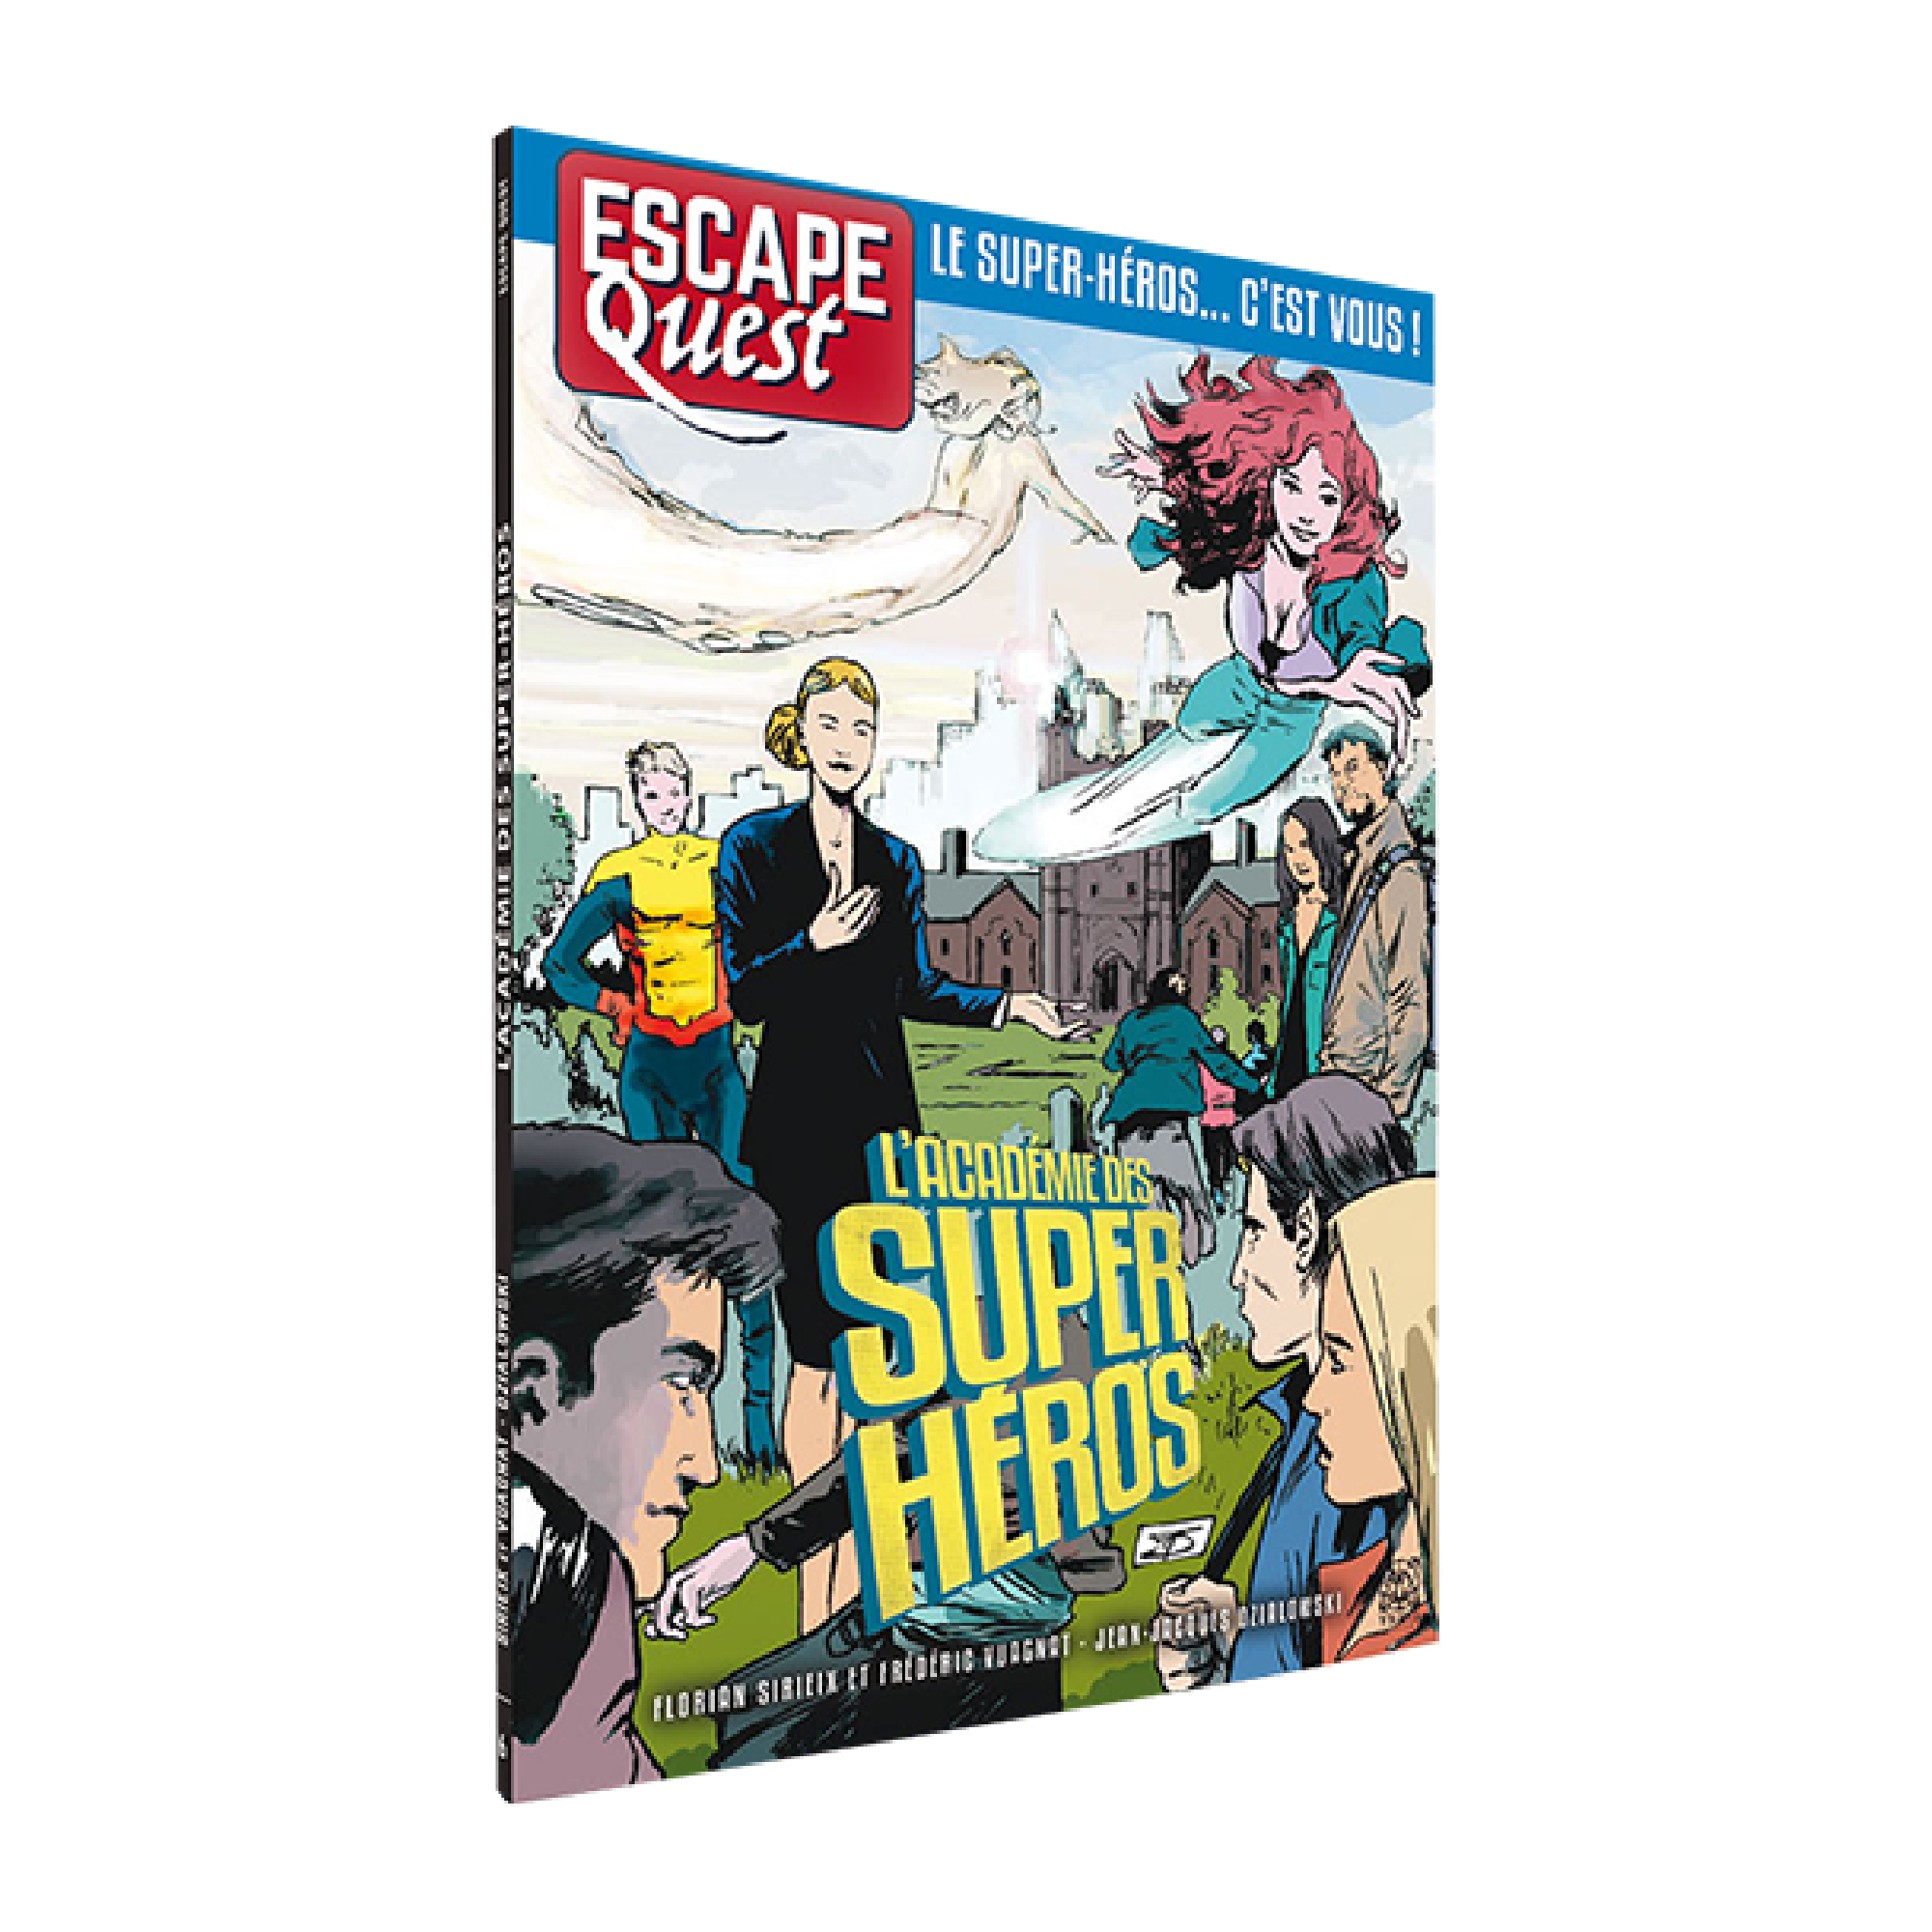 Don't Panic Games Escape Quest 6: L'Académie des Super Héros (livre)